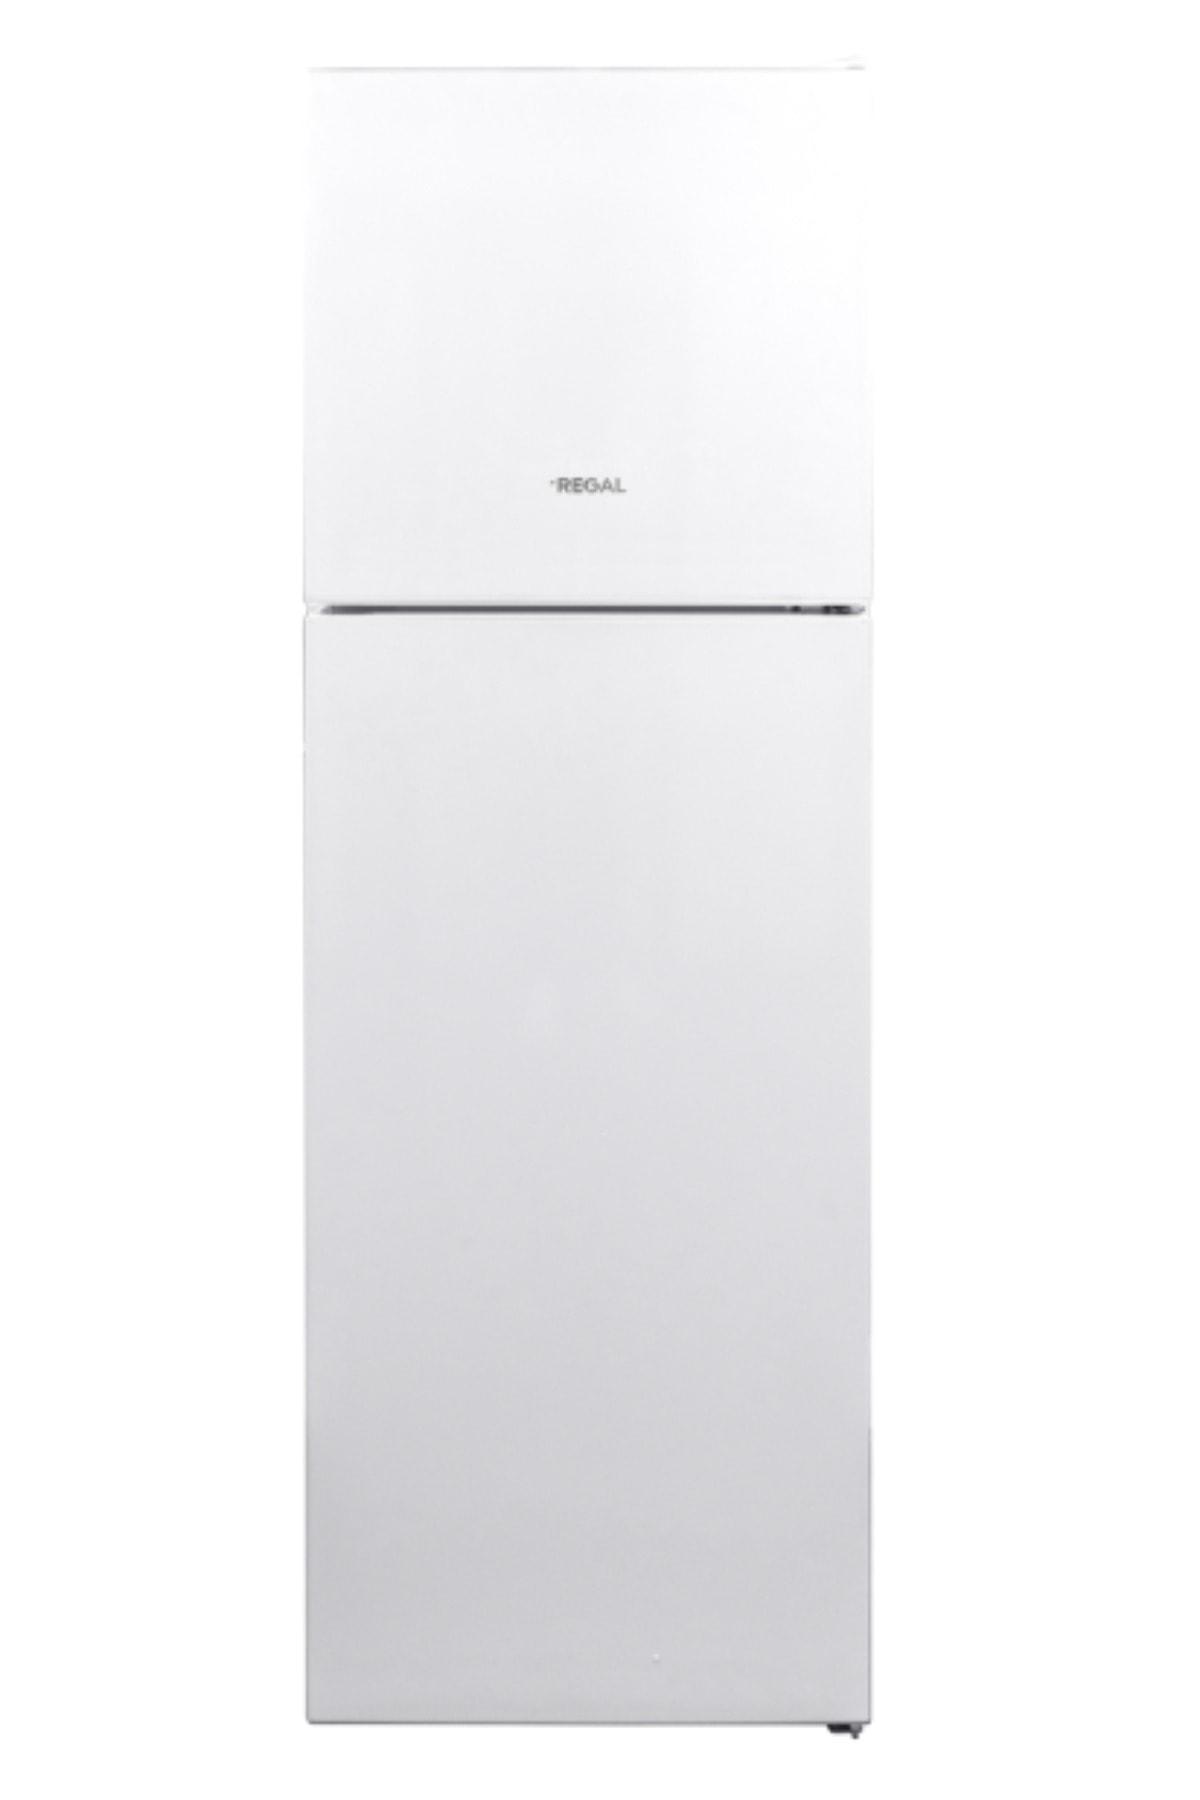 Regal NF 3020 A+ Çift Kapılı Buzdolabı 1